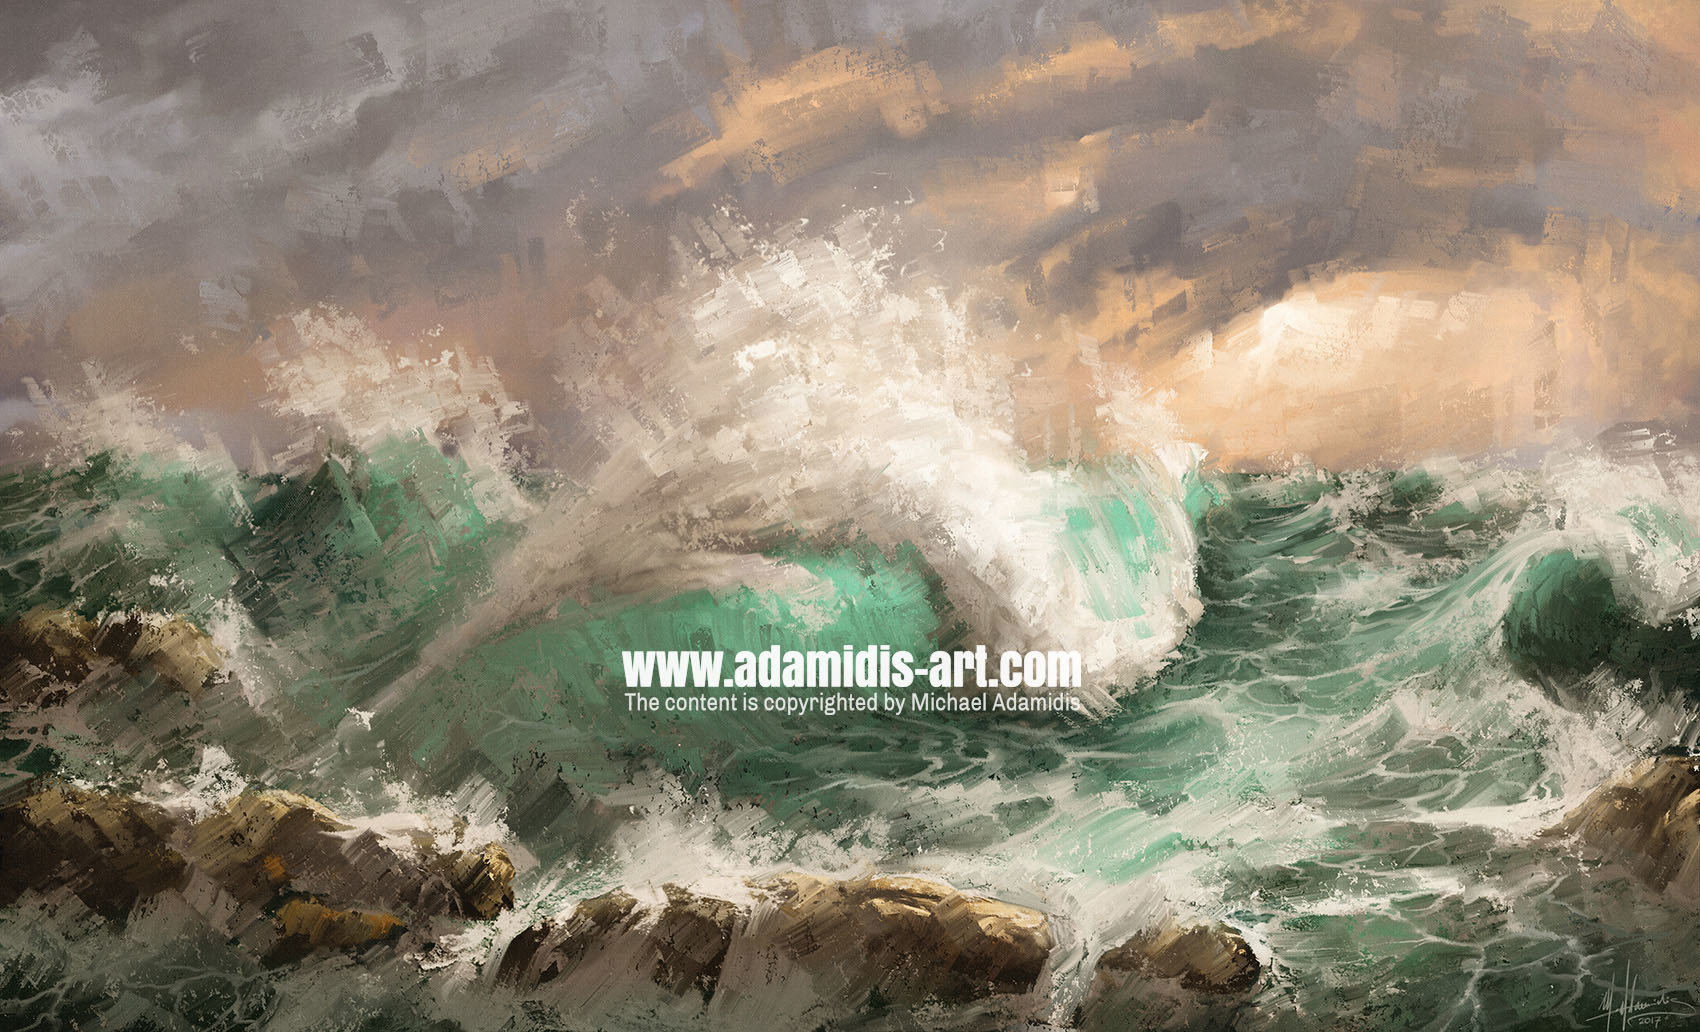 ArtStation - Most Realistic Photoshop Brushes (Oil & Acrylic Brush